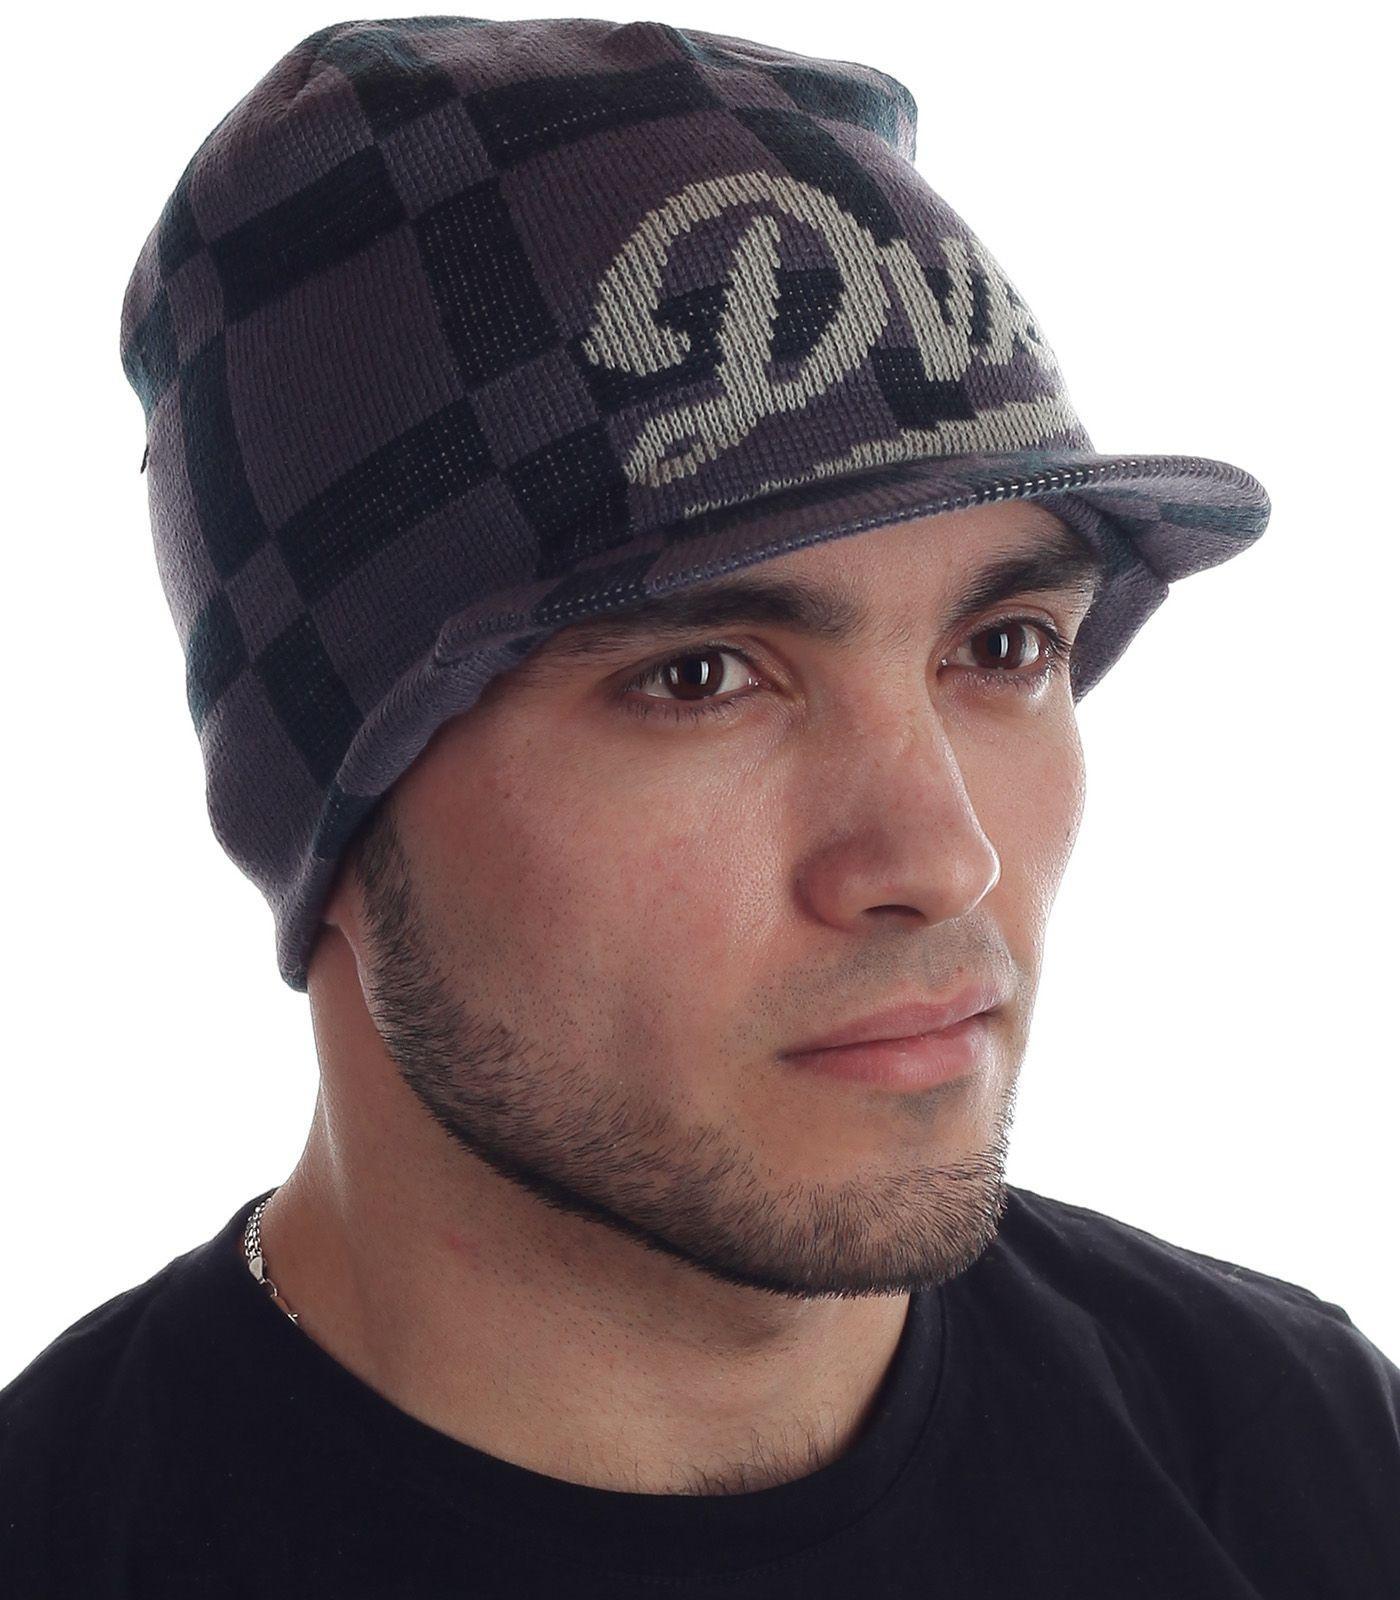 Тусовочная дизайнерская мужская шапка с козырьком для болельщика